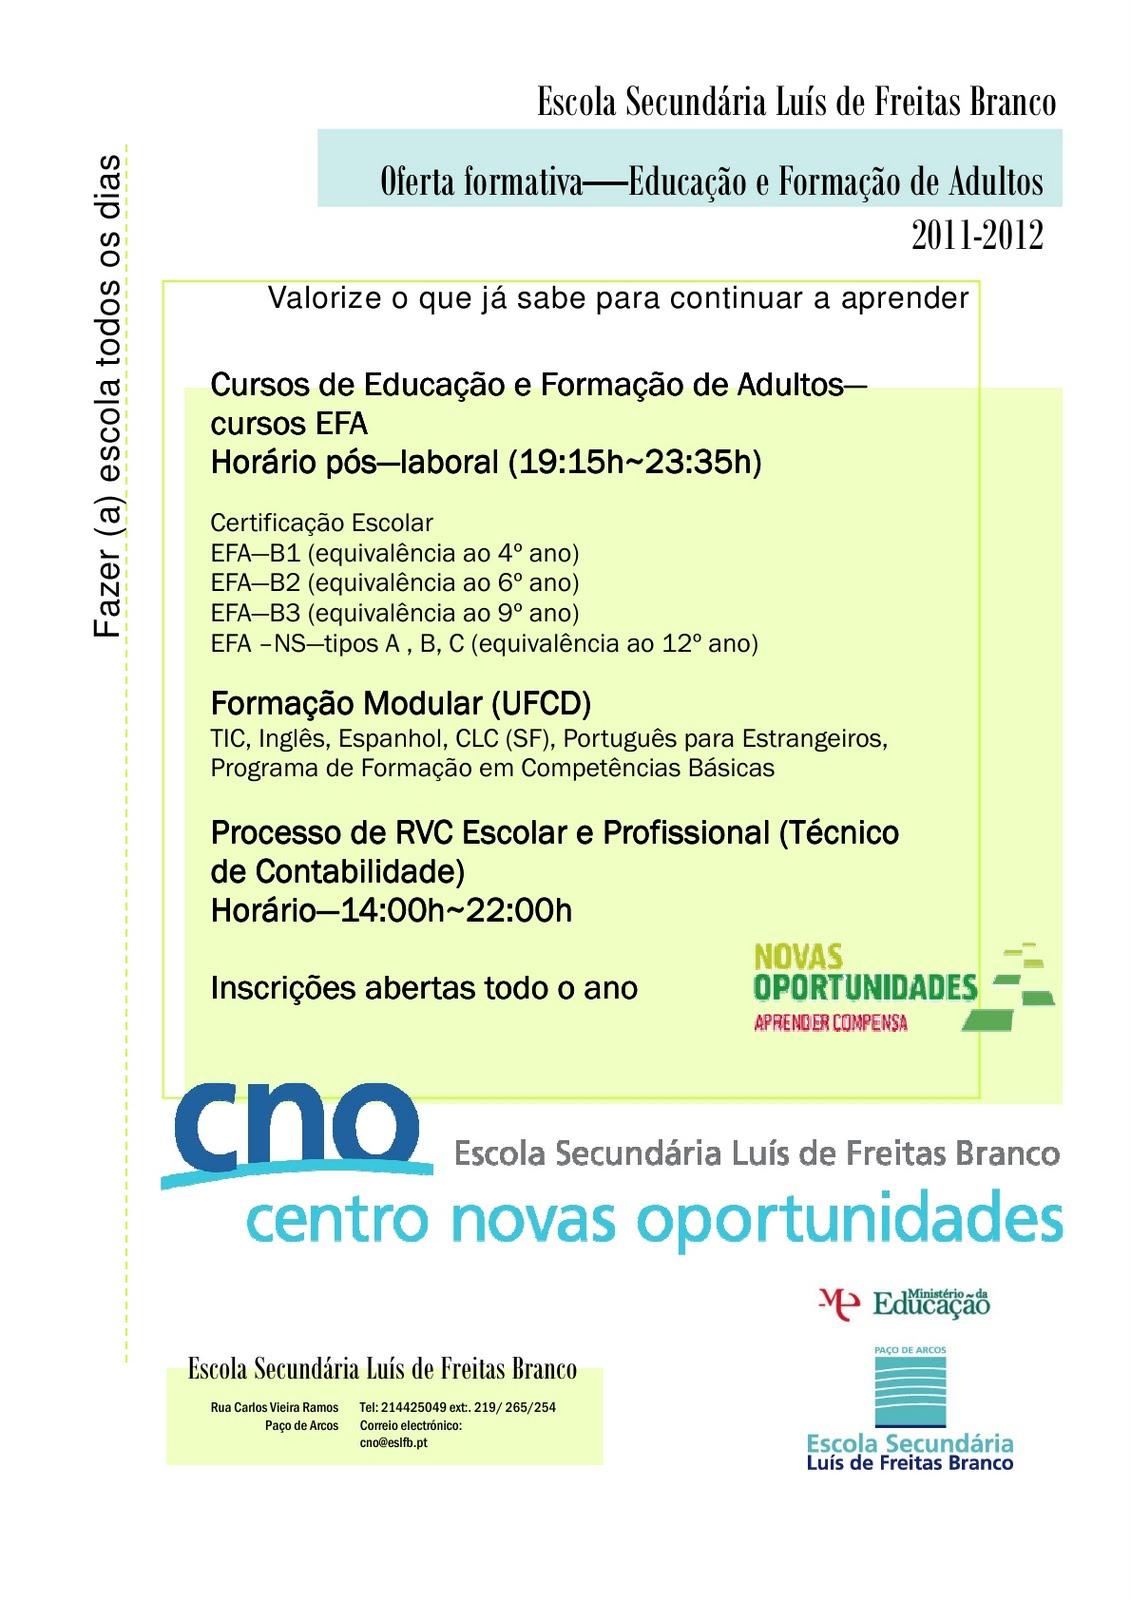 centro novas oportunidades da escola secund u00c1ria dr